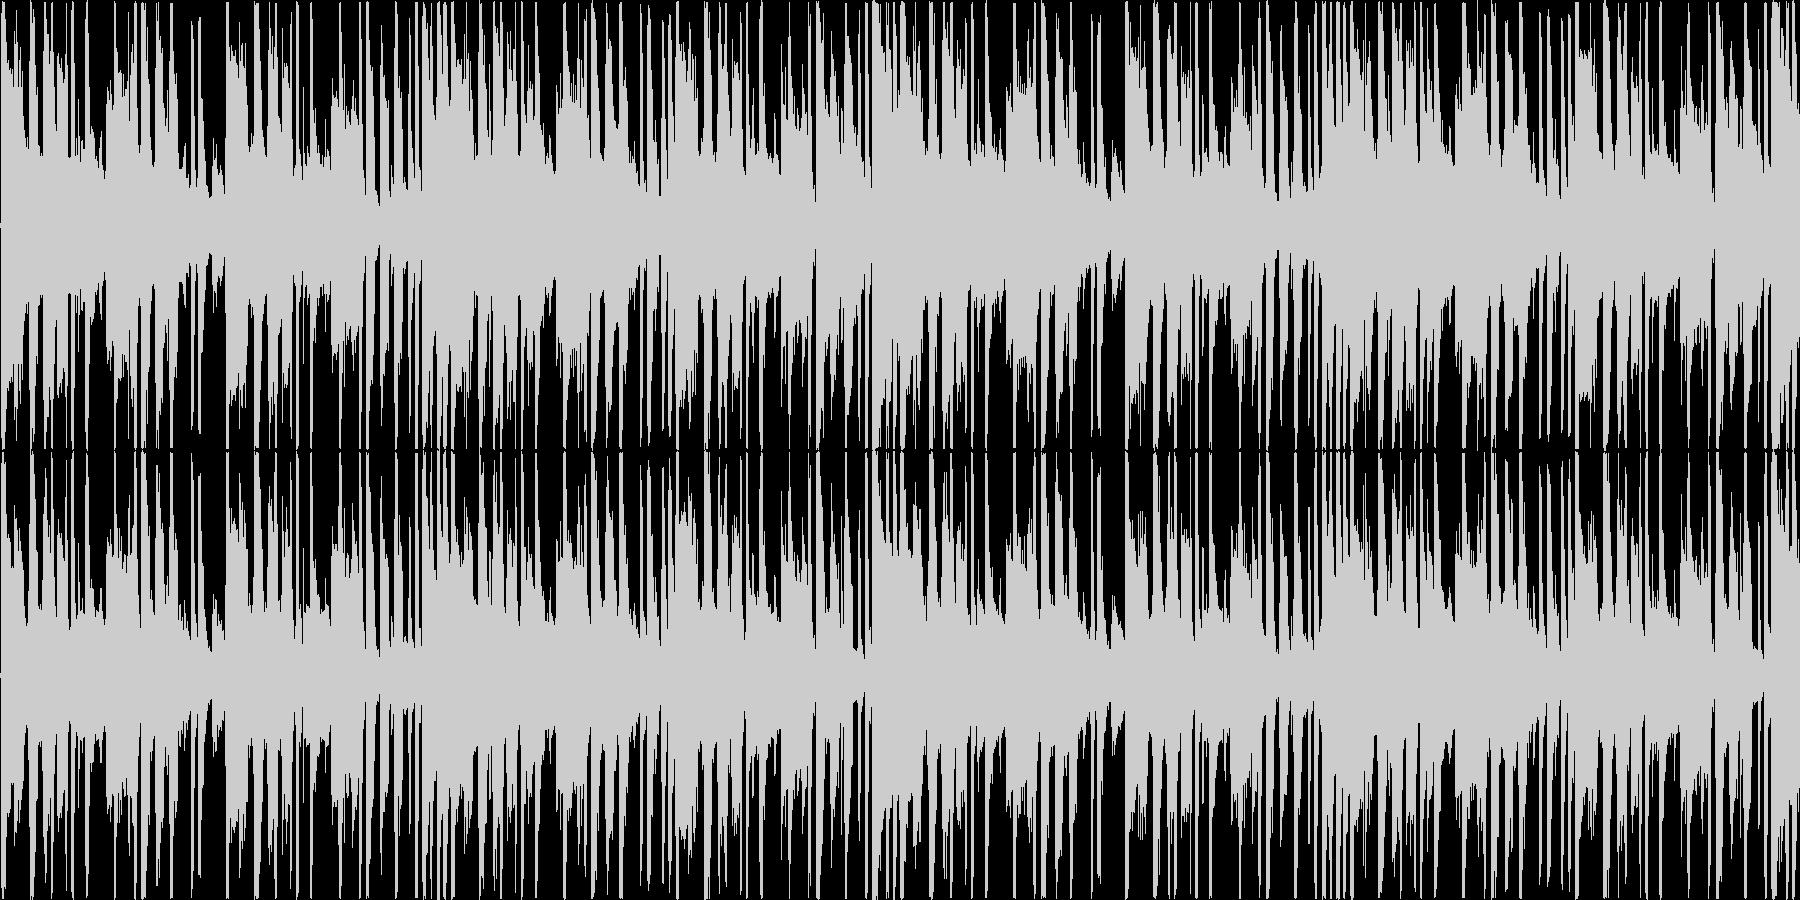 レトロな雰囲気をもったで怪しい曲の未再生の波形